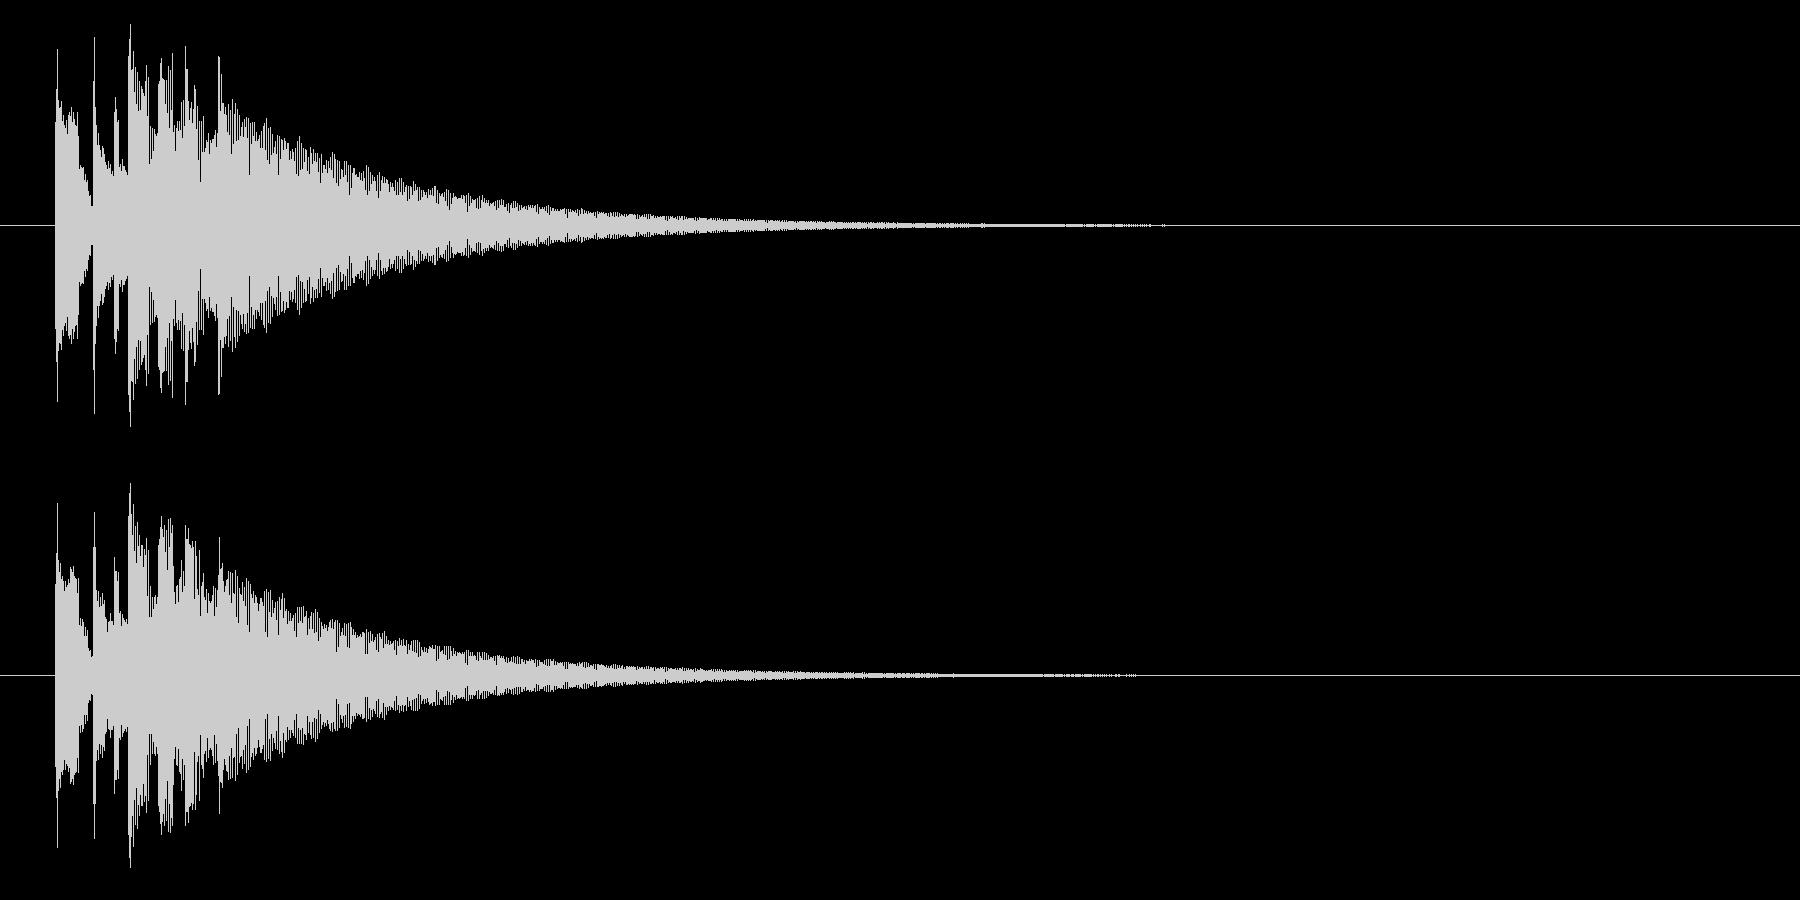 グロッケン02-3(高 長)の未再生の波形